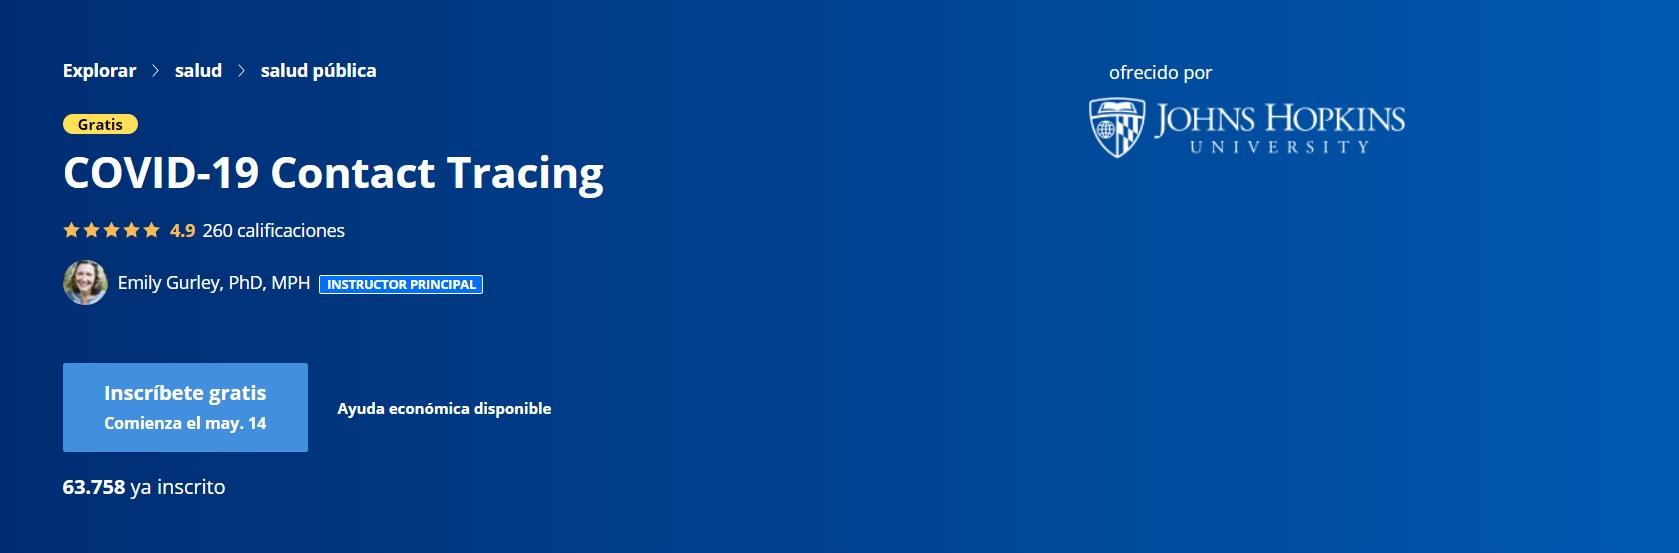 La portada de acceso al curso online que ofrece Johns Hopkins para aprender la tarea que realizan los rastreadores de contacto.